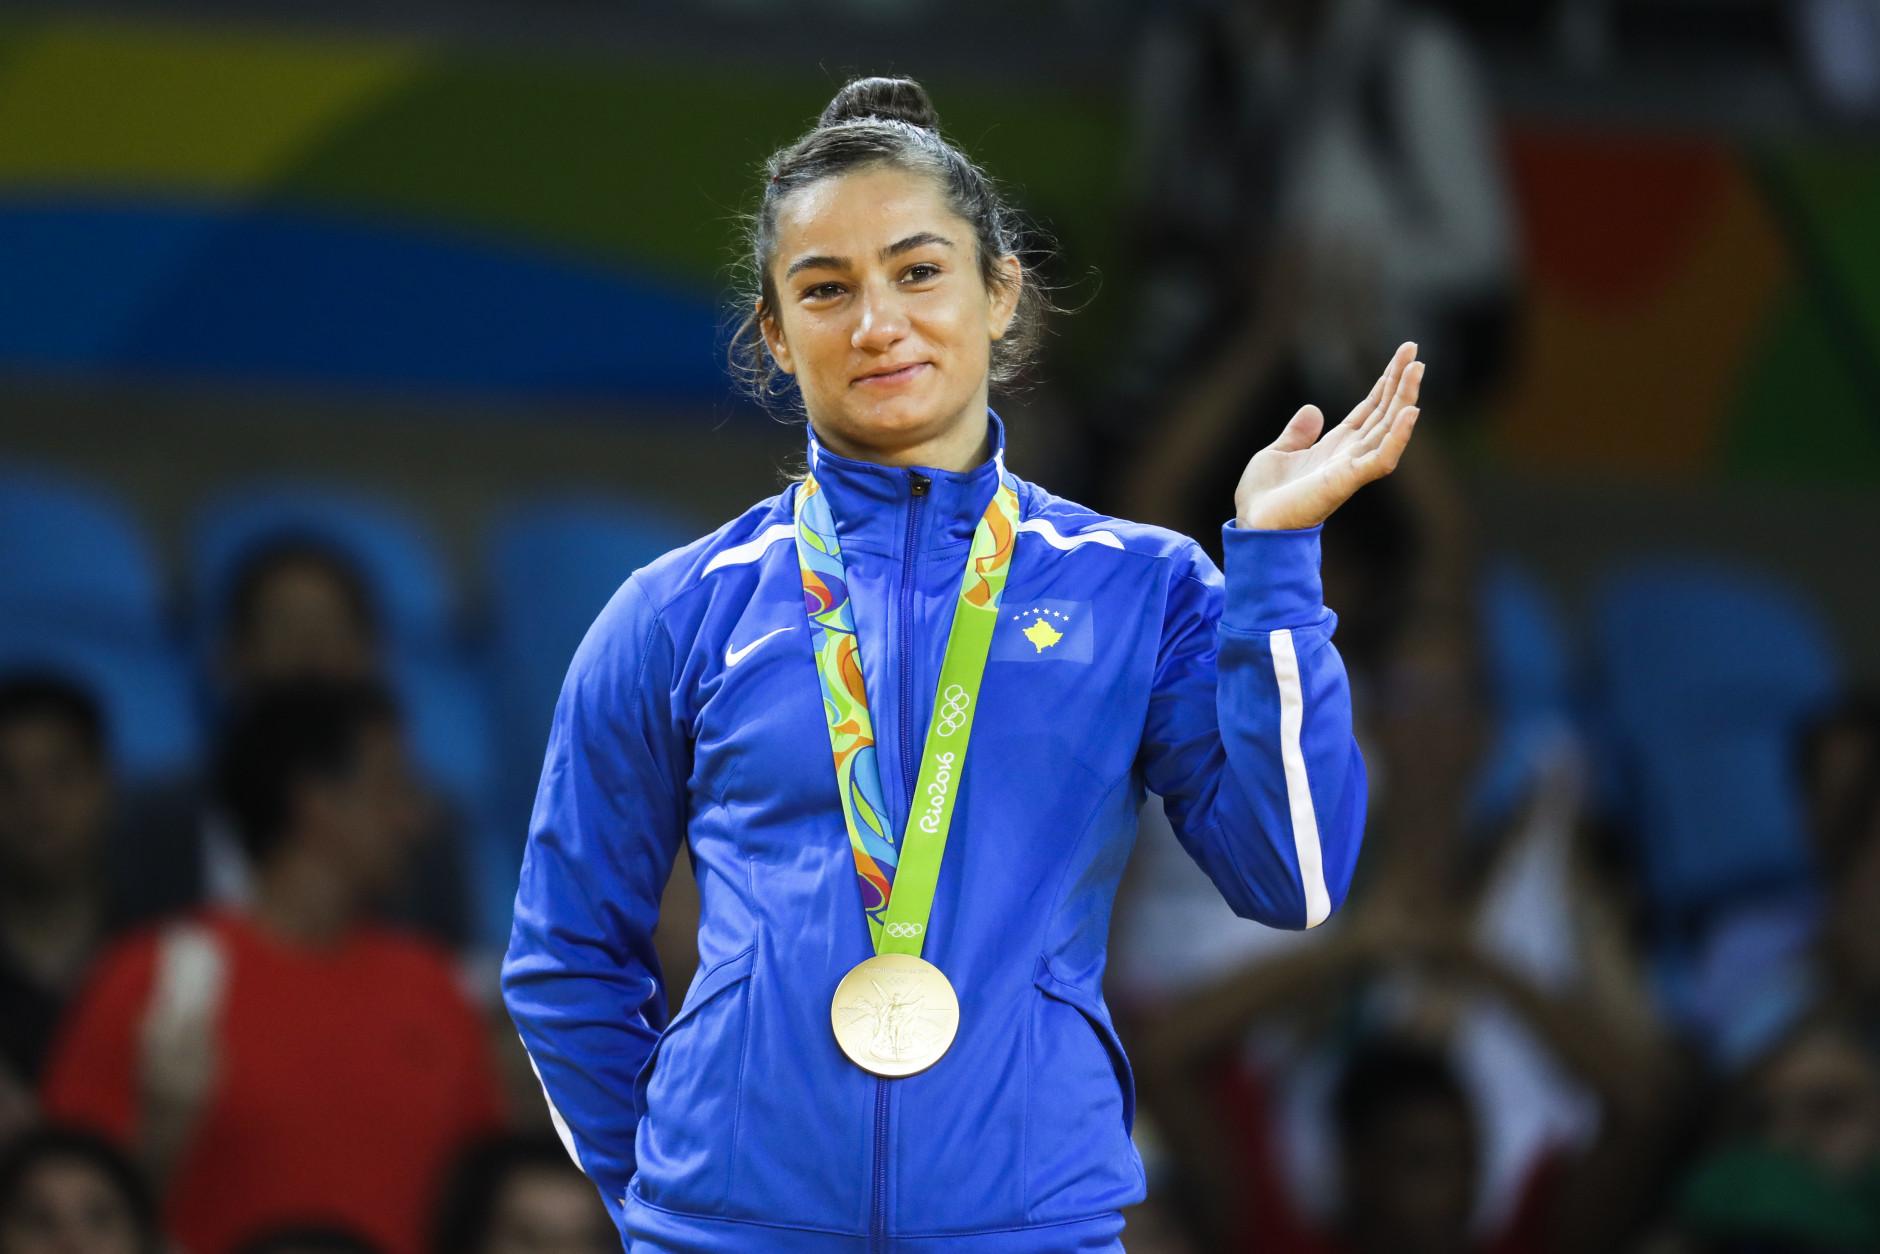 """Përfundon ndeshja, Majlinda Kelmendi e bronztë në """"Tokio 2019"""""""